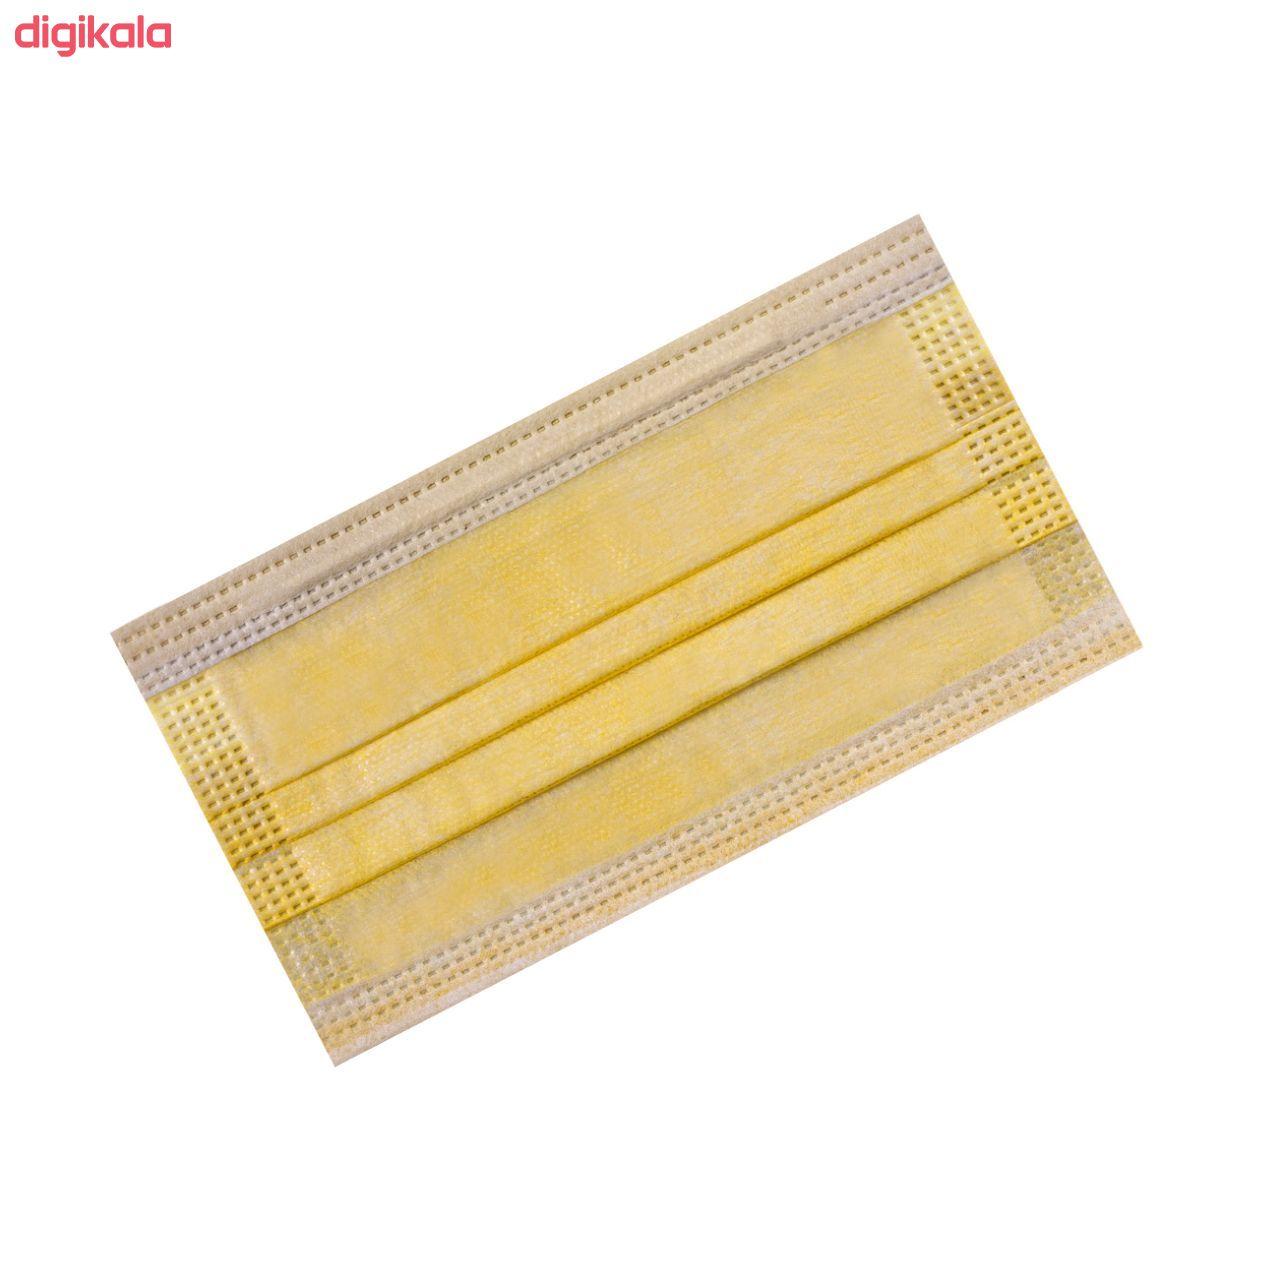 ماسک تنفسی انزانی مدل ELY09 بسته 10 عددی main 1 2